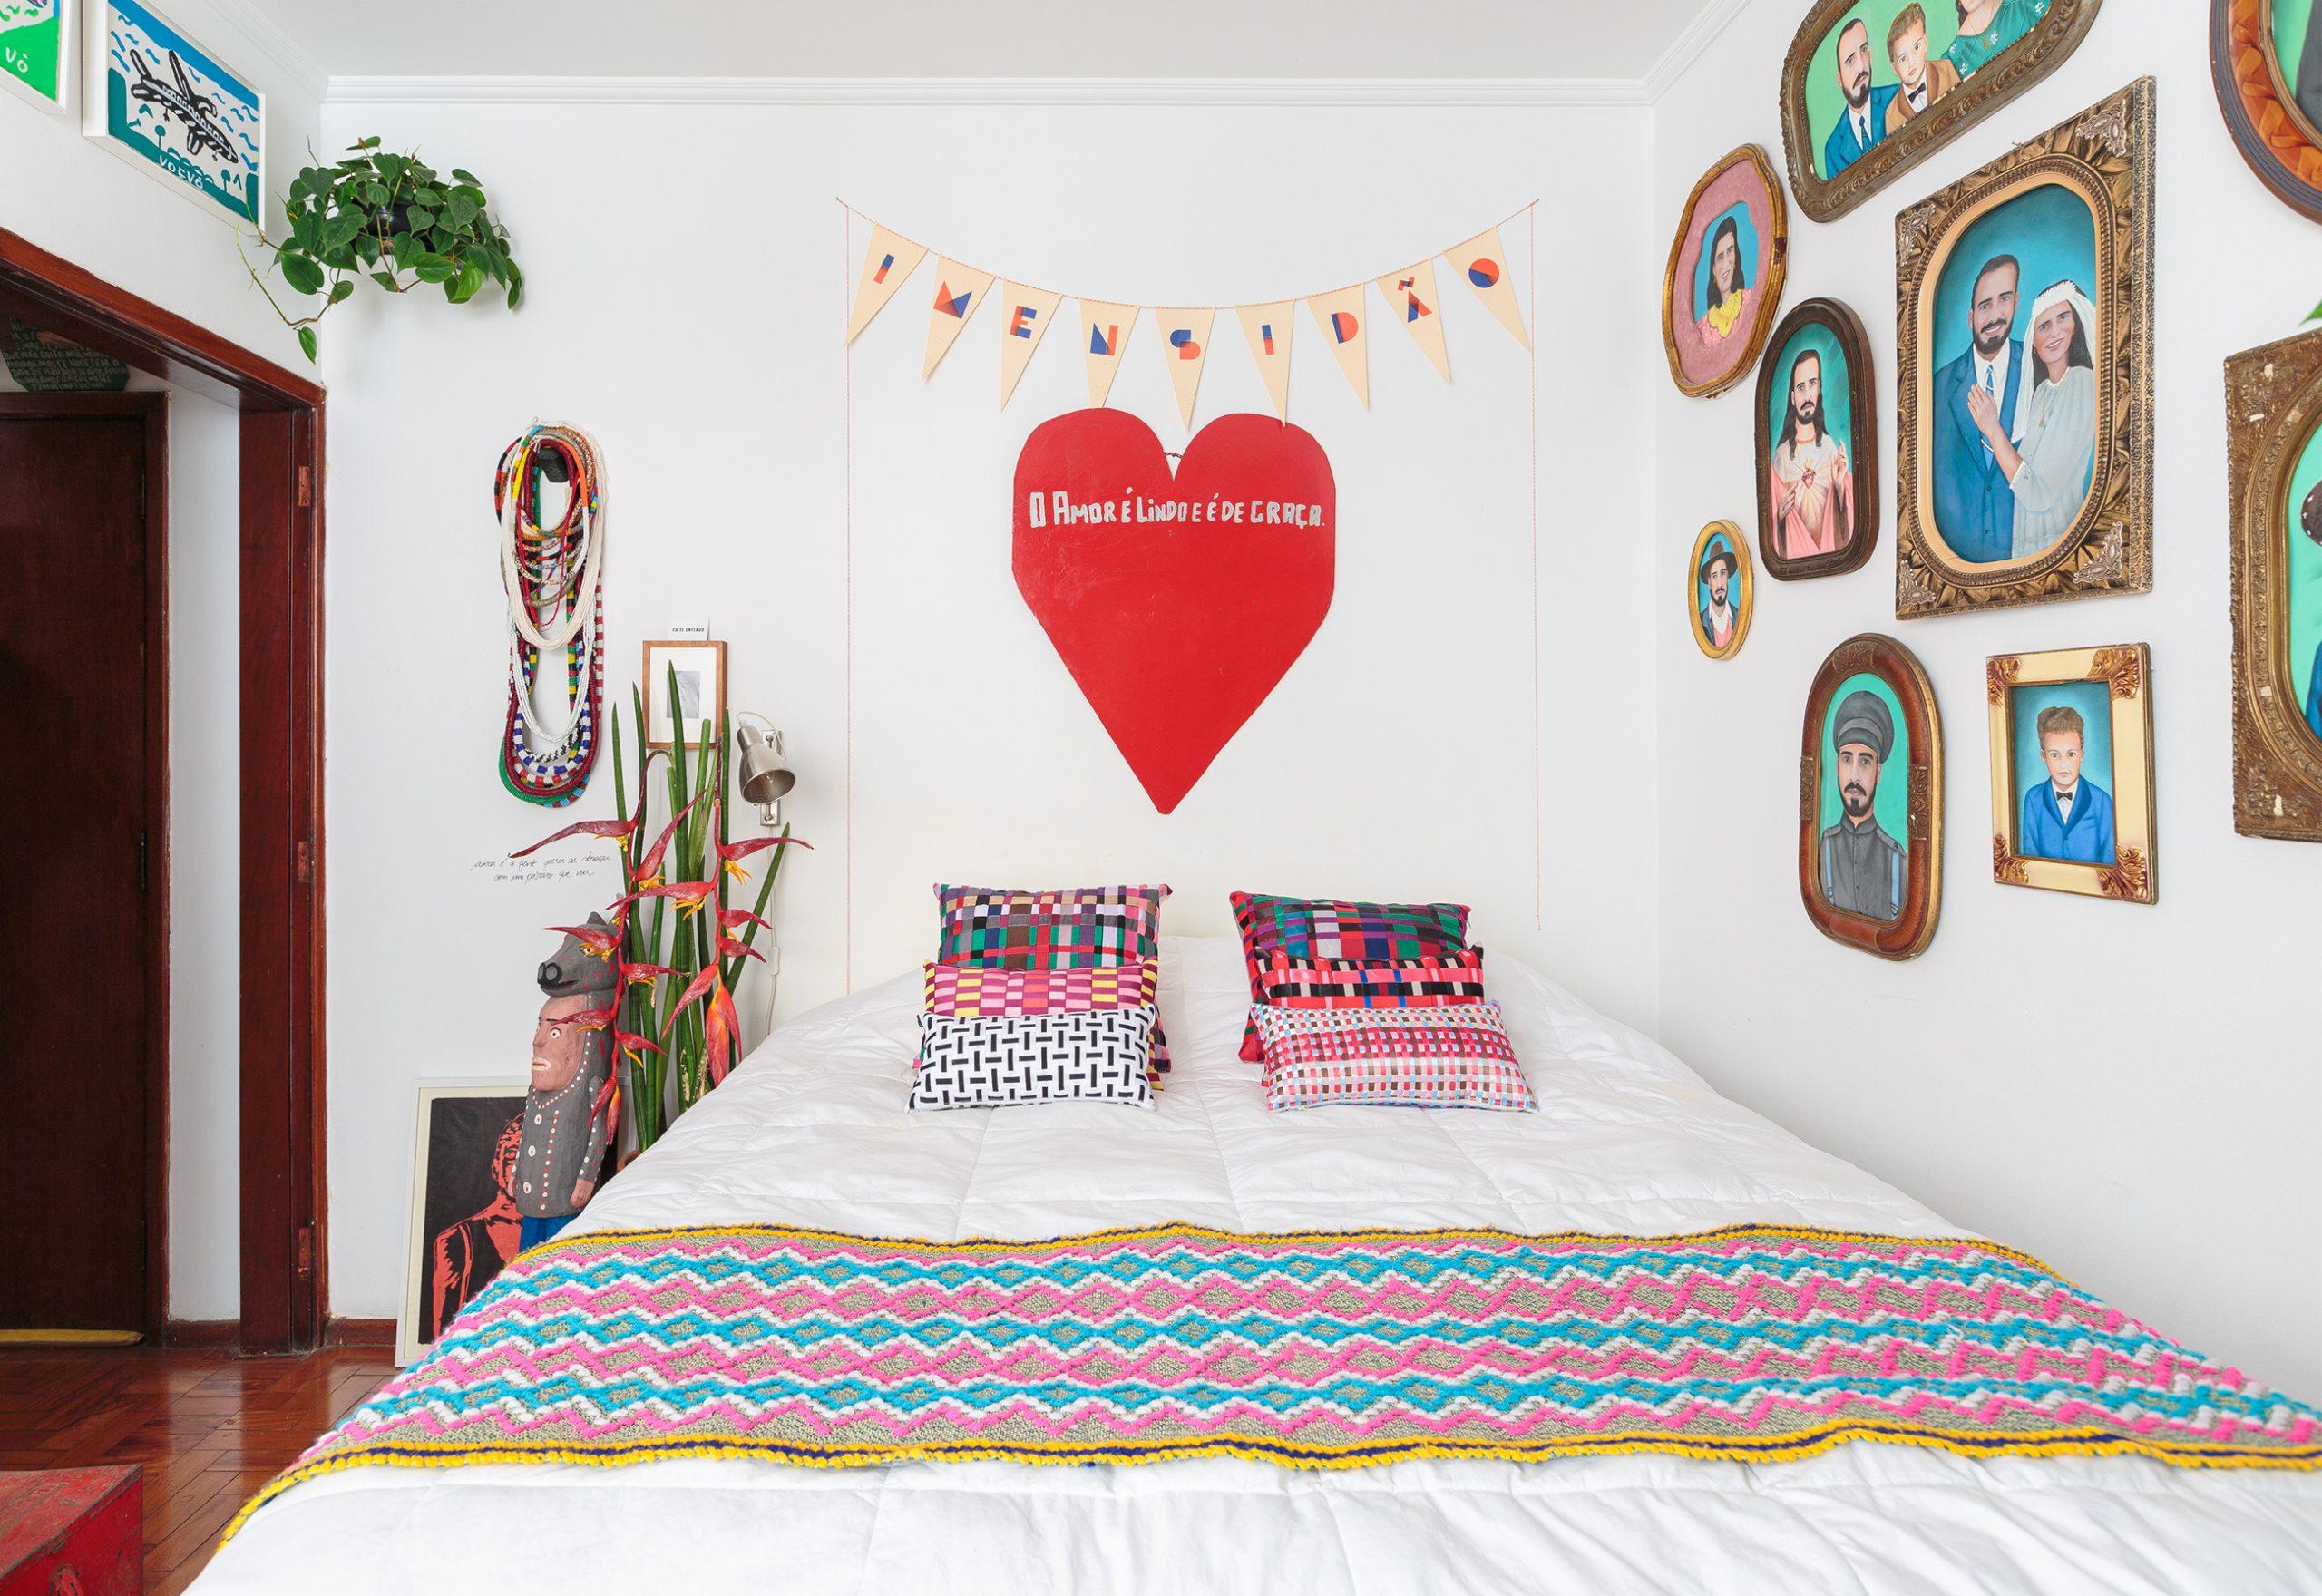 decoração quarto colorido com muitos quadros e varal decorativo